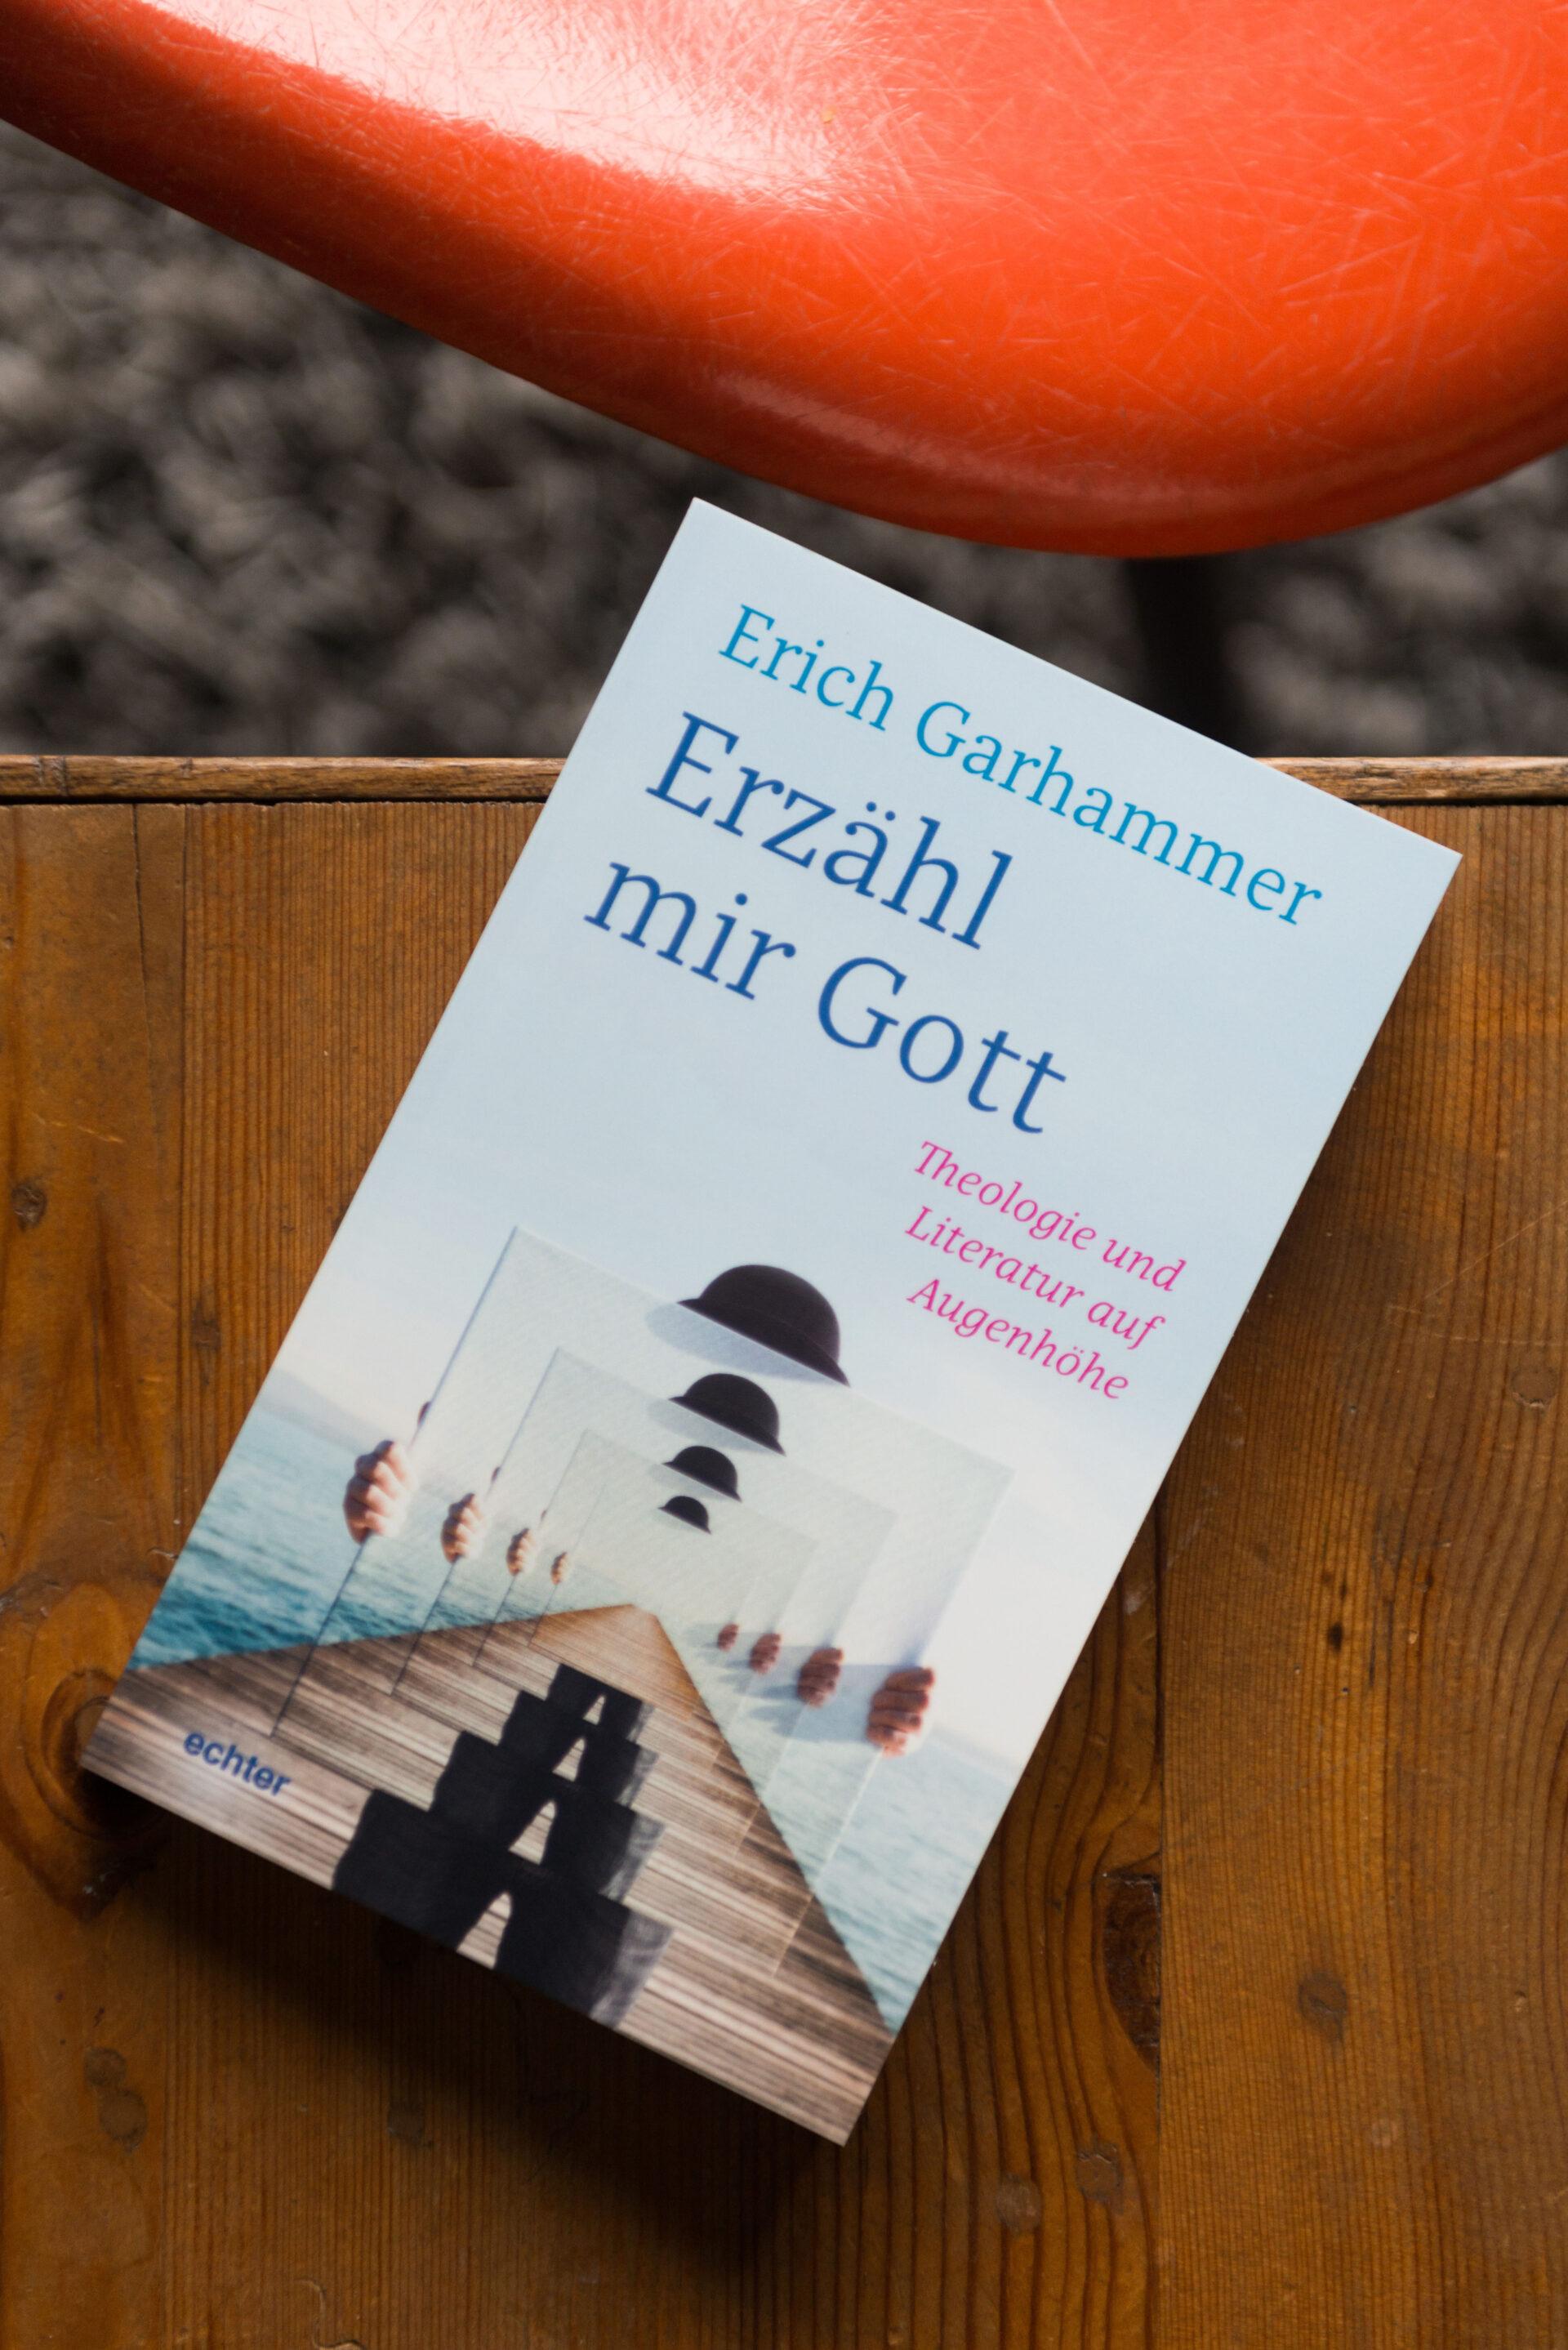 Produktbilder Buch Erzähl mir Gott von Erich Garhammer